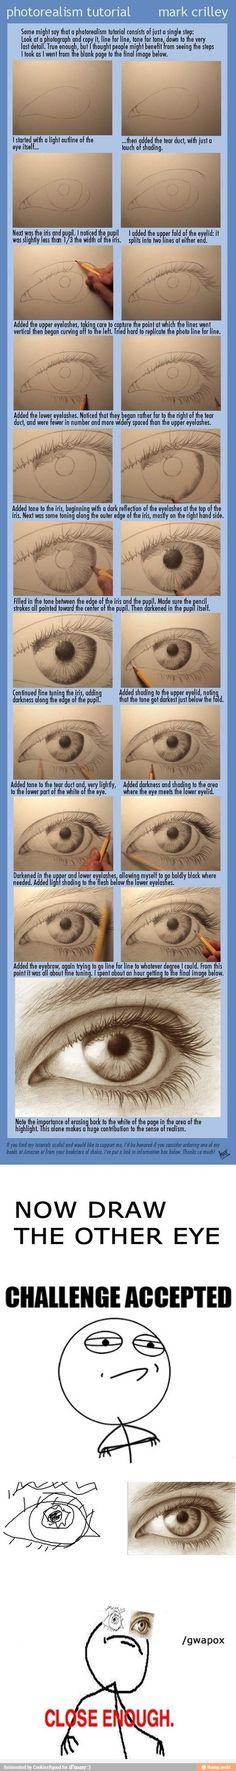 Lol good eye, though!